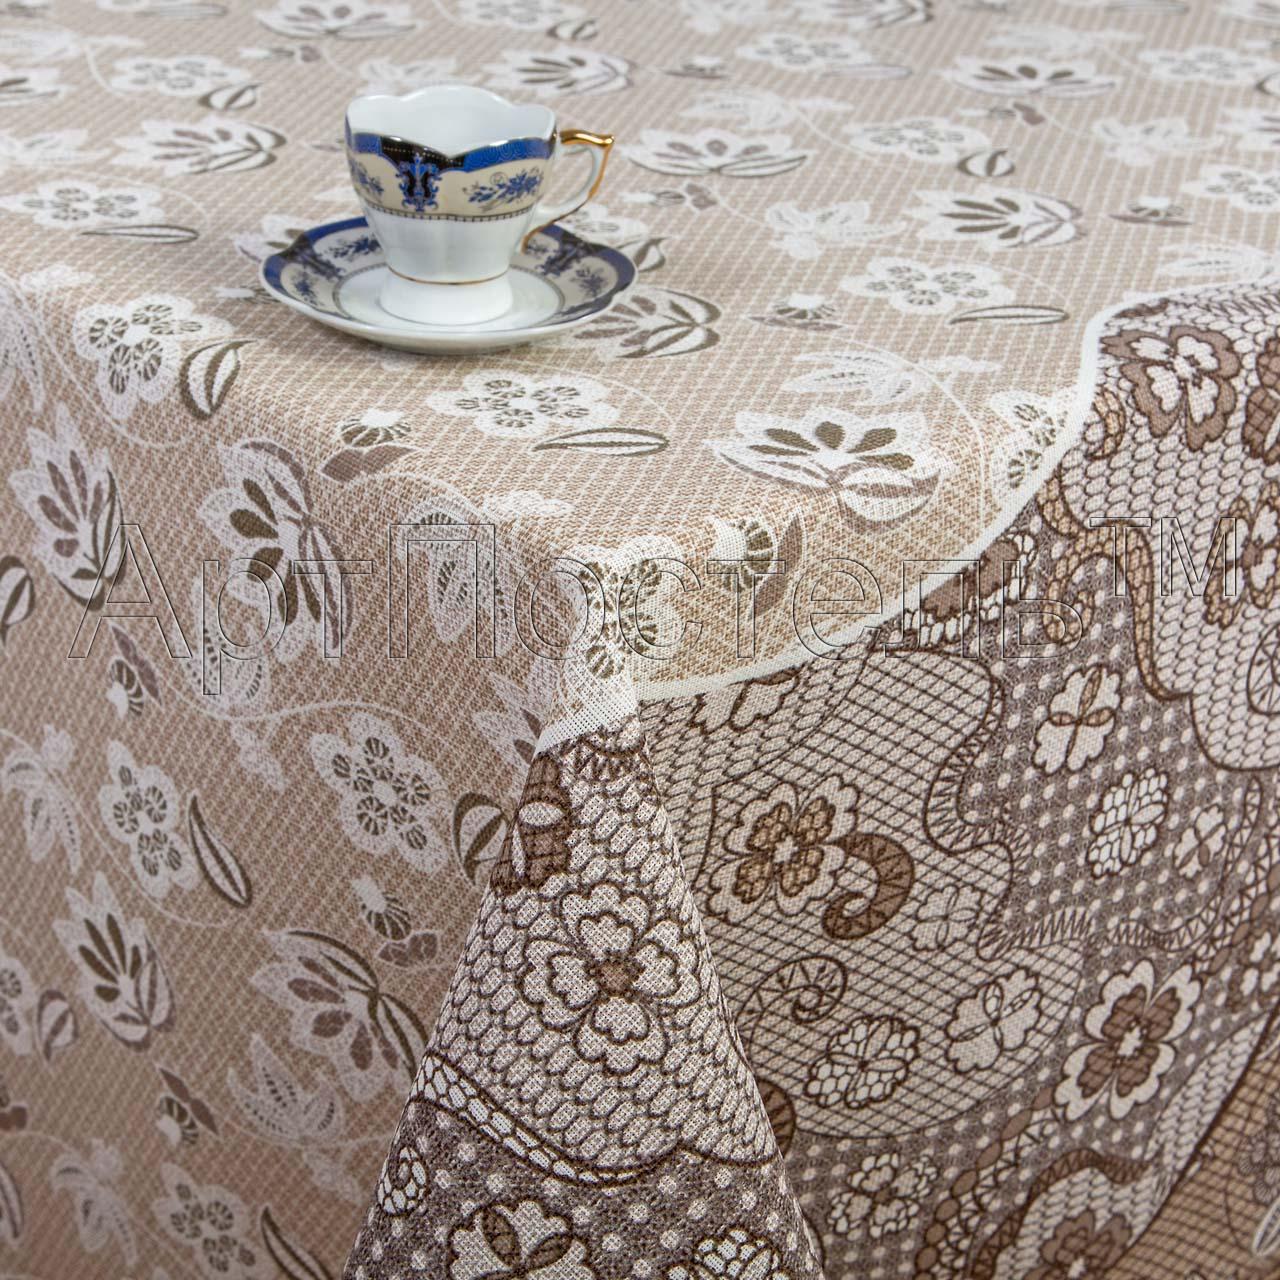 Скатерть Пастель р. 180х145Скатерти<br>Плотность ткани: 160 г/кв. м<br><br>Тип: Скатерть<br>Размер: 180х145<br>Материал: Рогожка